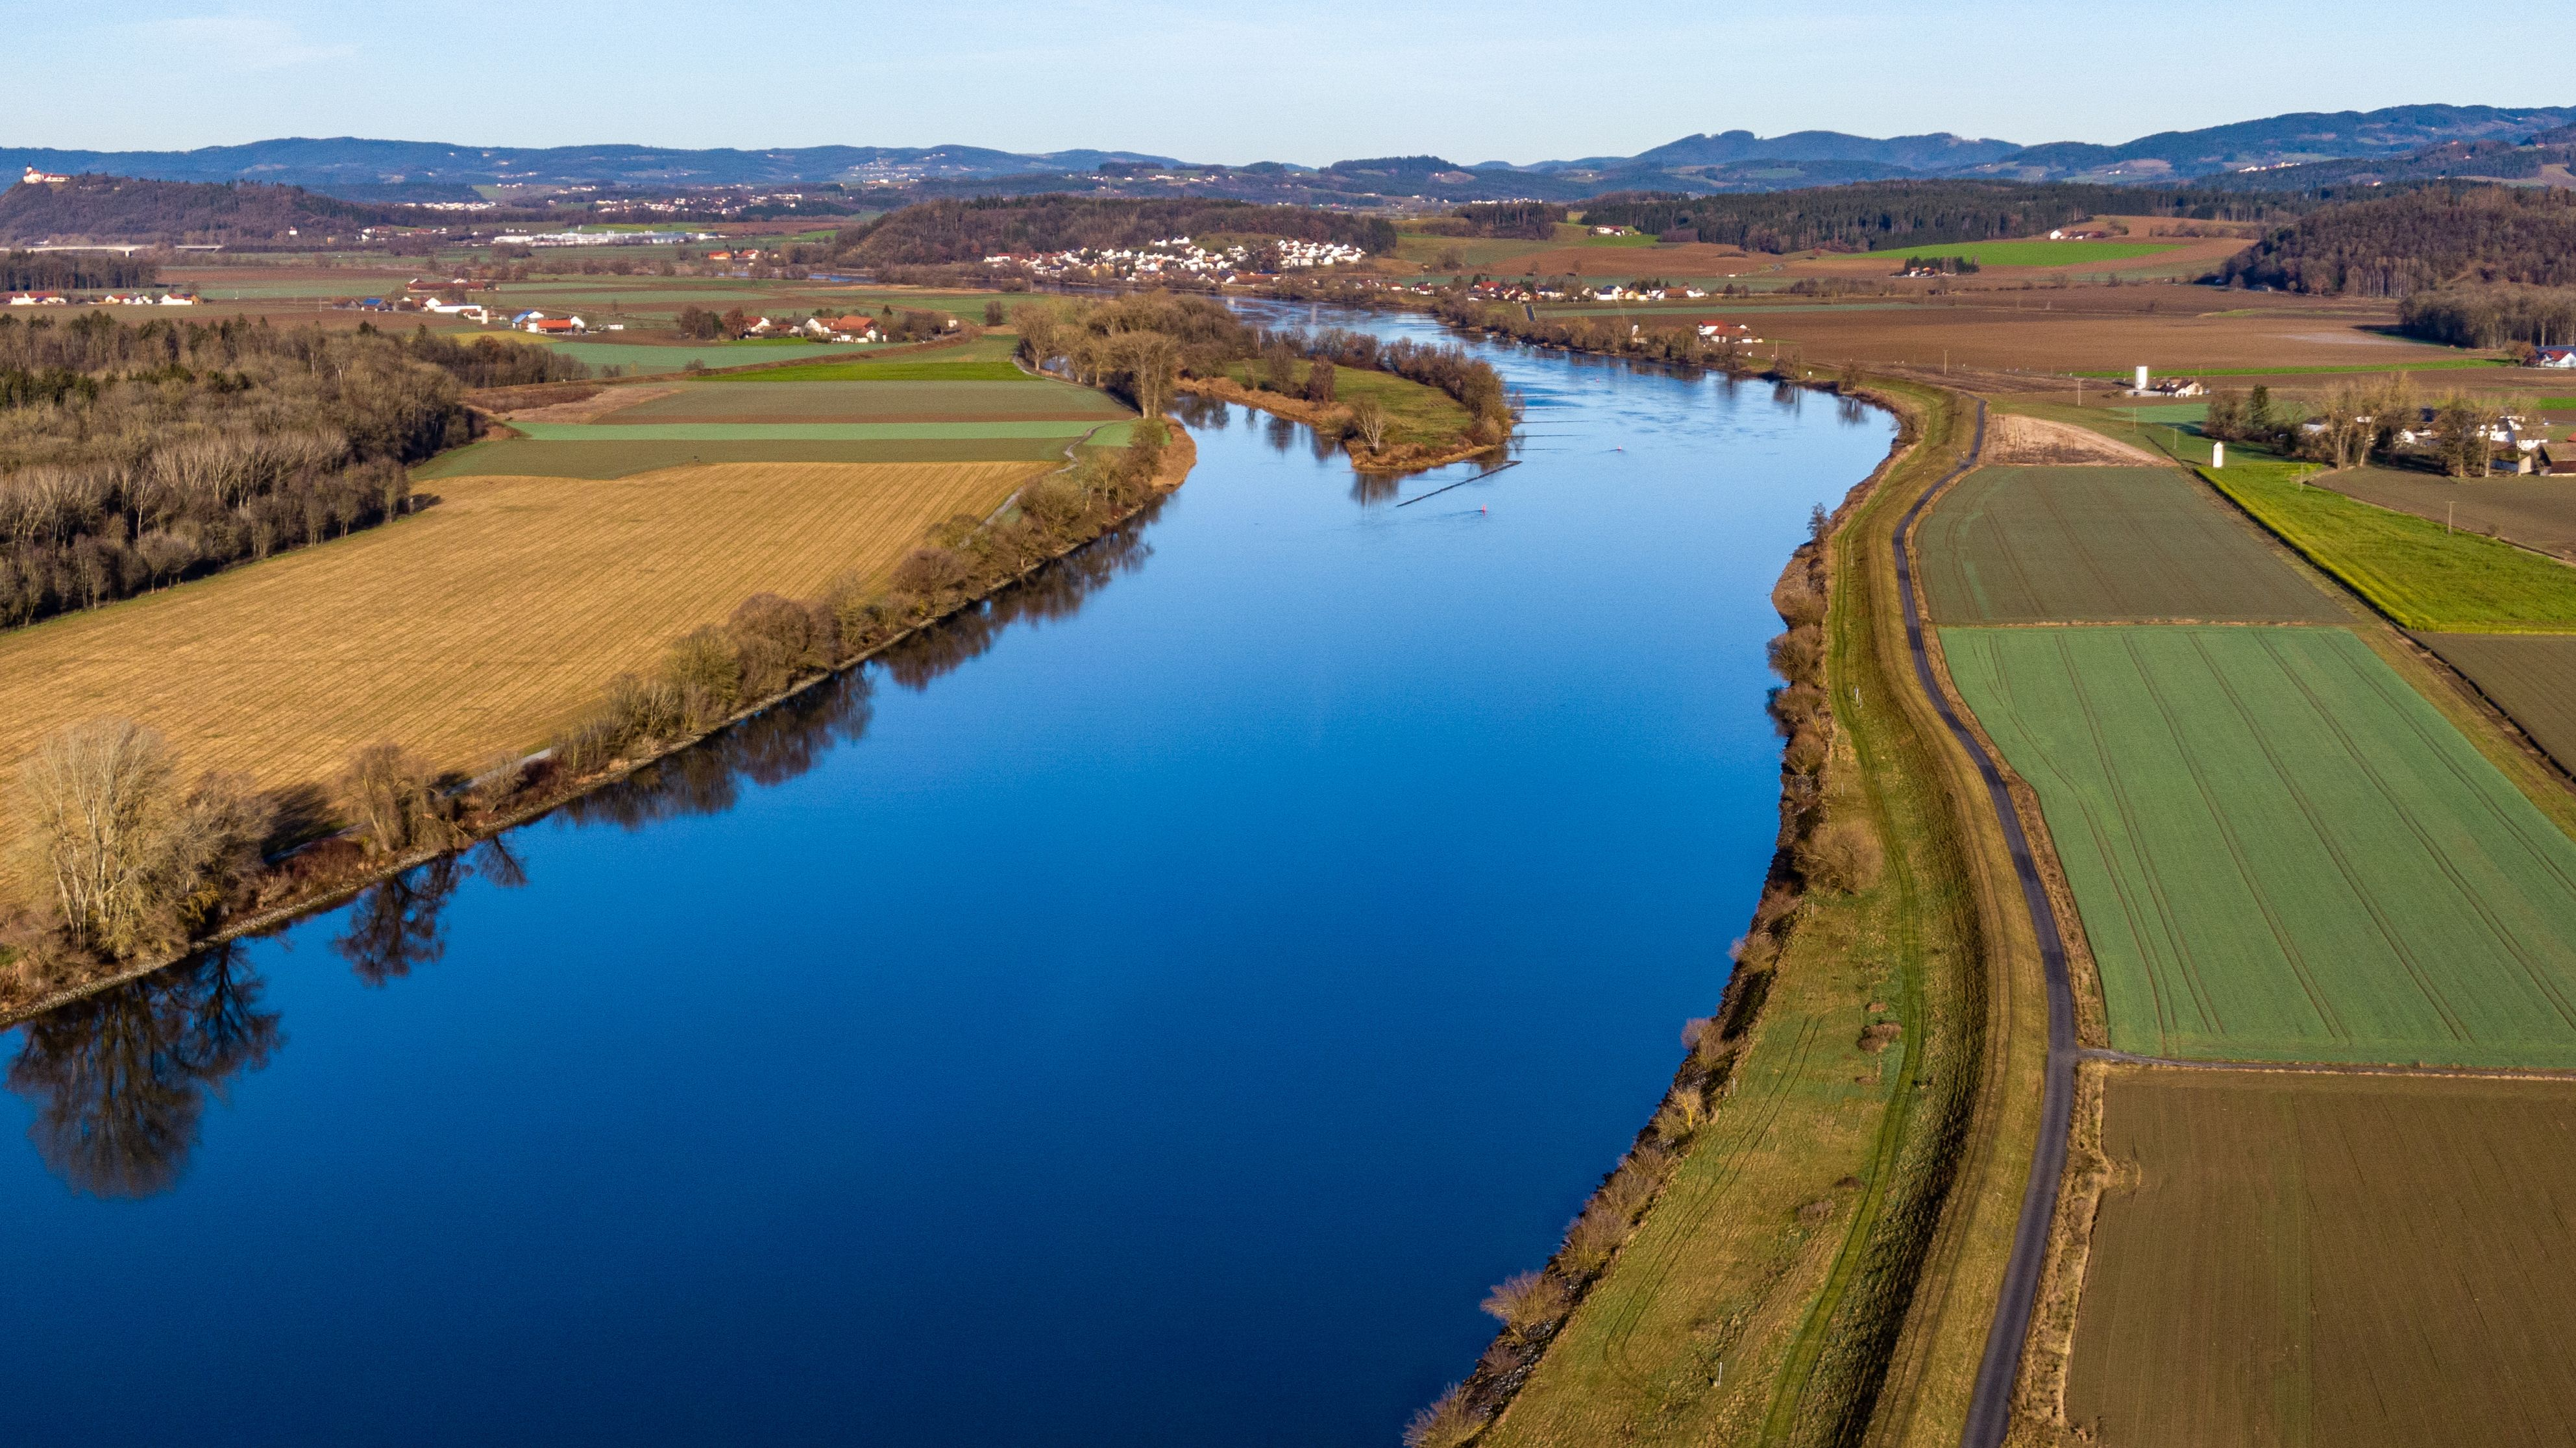 Die Donau am Rande des Bayerischen Waldes.